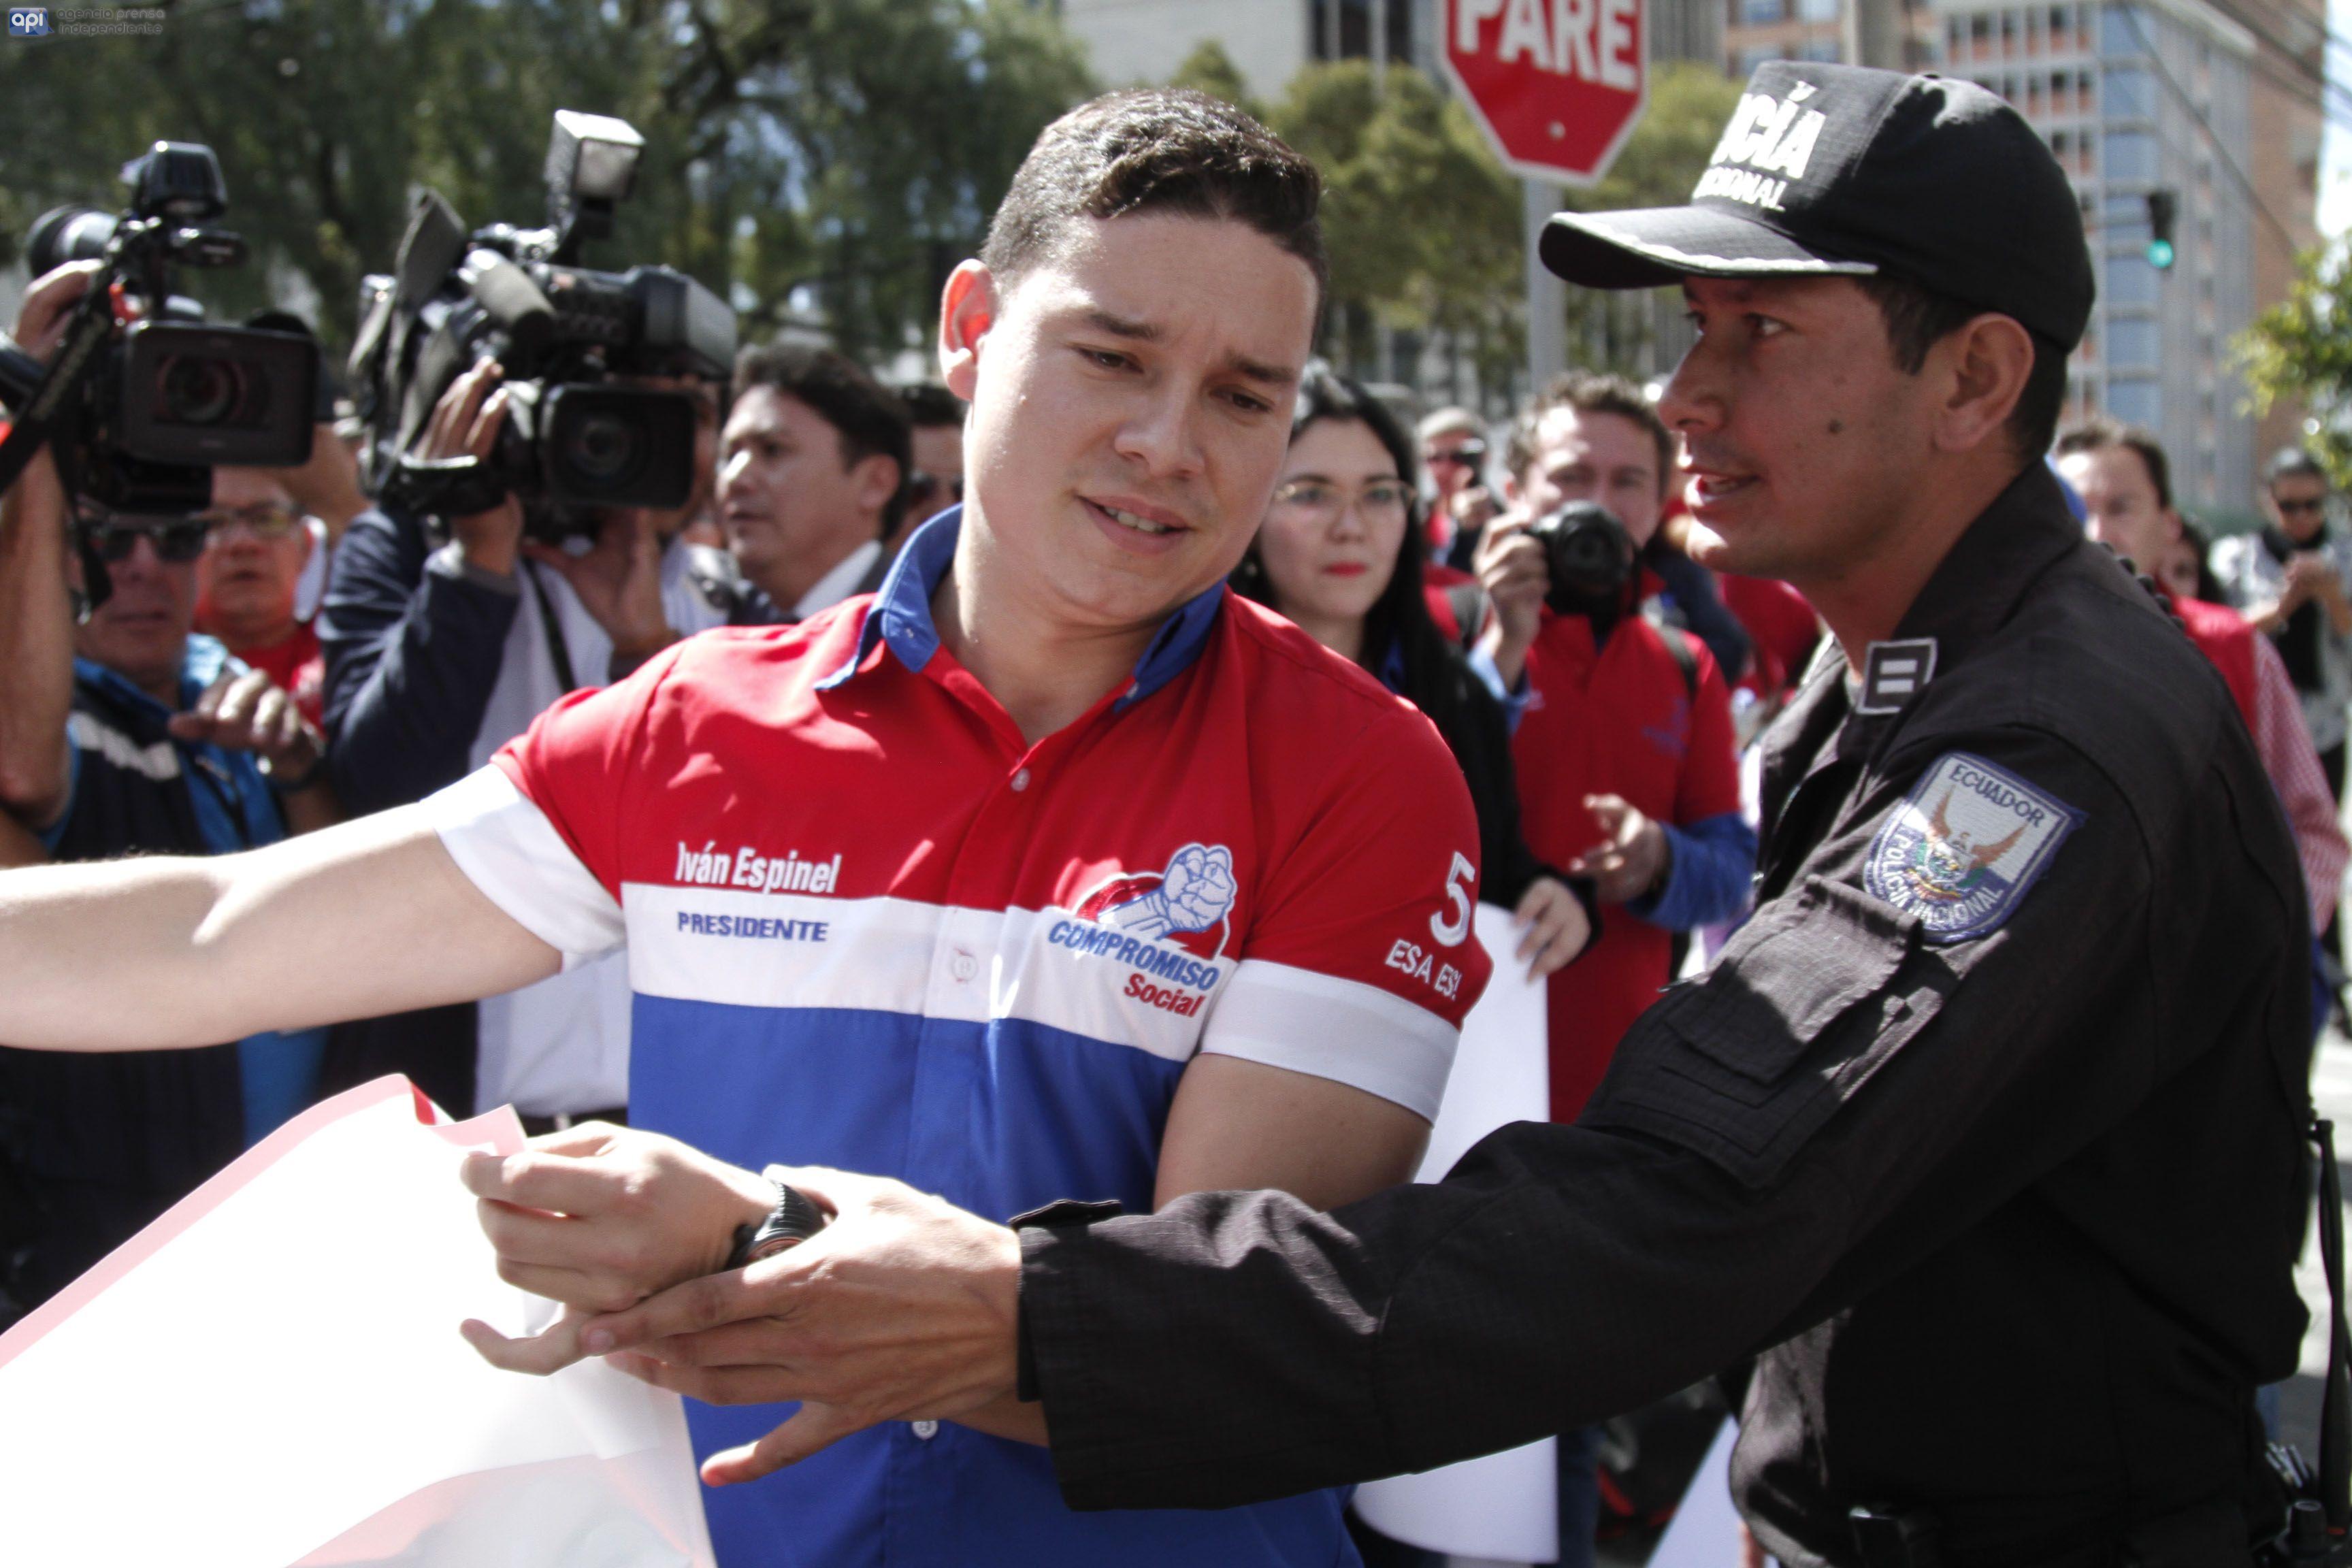 El candidato a presidente de la Republica Ivan Espinel junto a sus partidarios realizaron una clausura simbólica impedida por la Policia Nacional en PETROECUADOR. APIFOTO/JUAN RUIZ